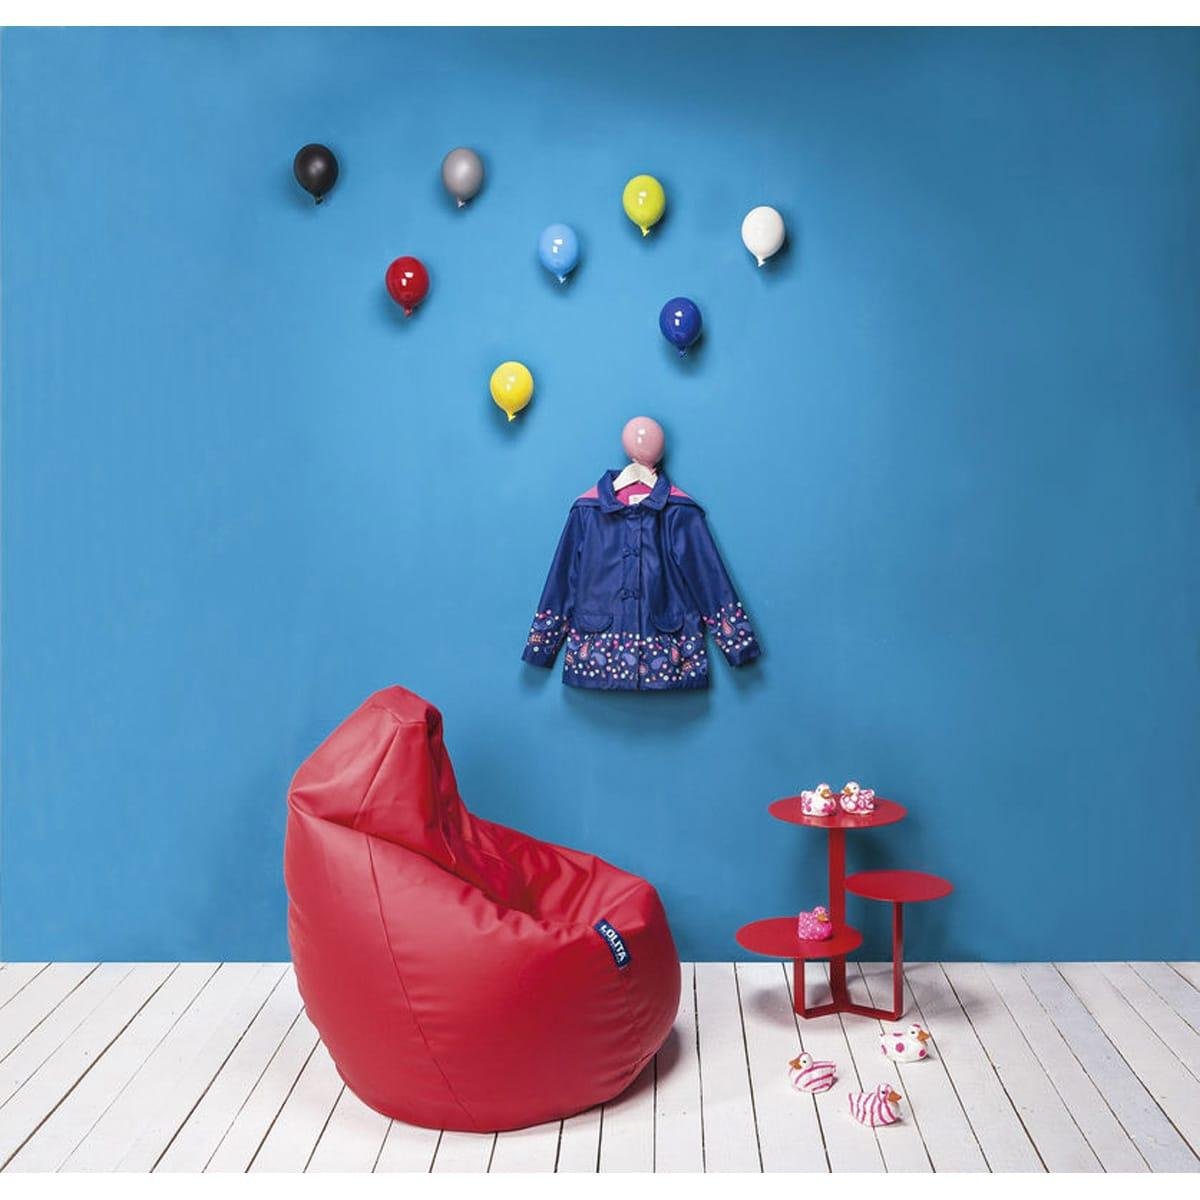 Palloncino in ceramica appendiabiti decorativo miniBalloon arancione, azzurro, bianco, blu, giallo, grigio, nero rosa, rosso e verde su parete